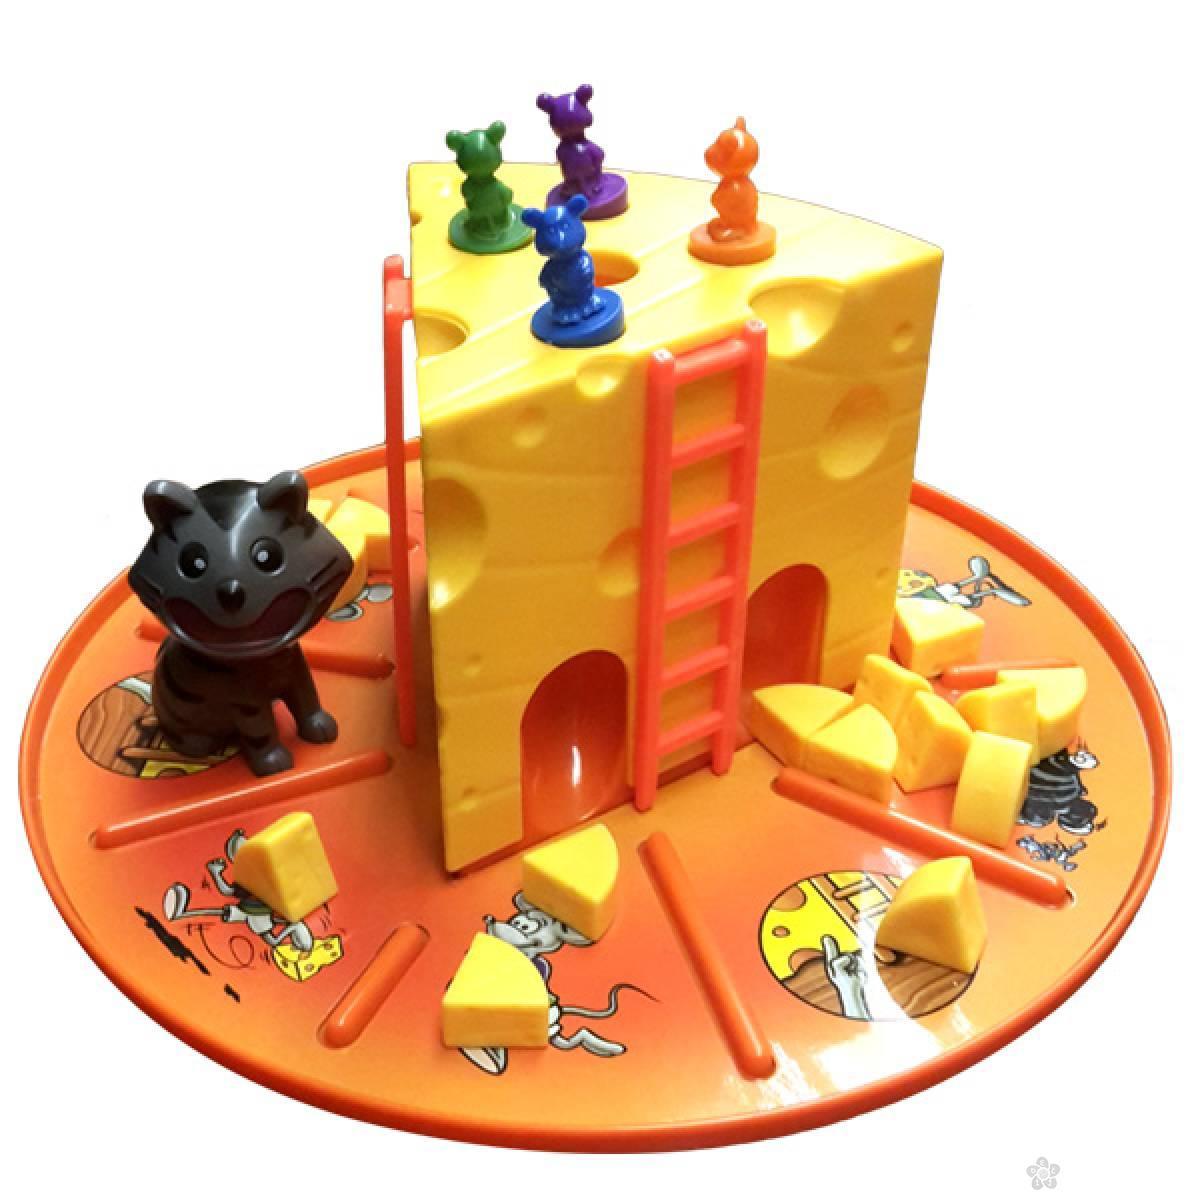 Društvena Igra mačke i miša P-0389